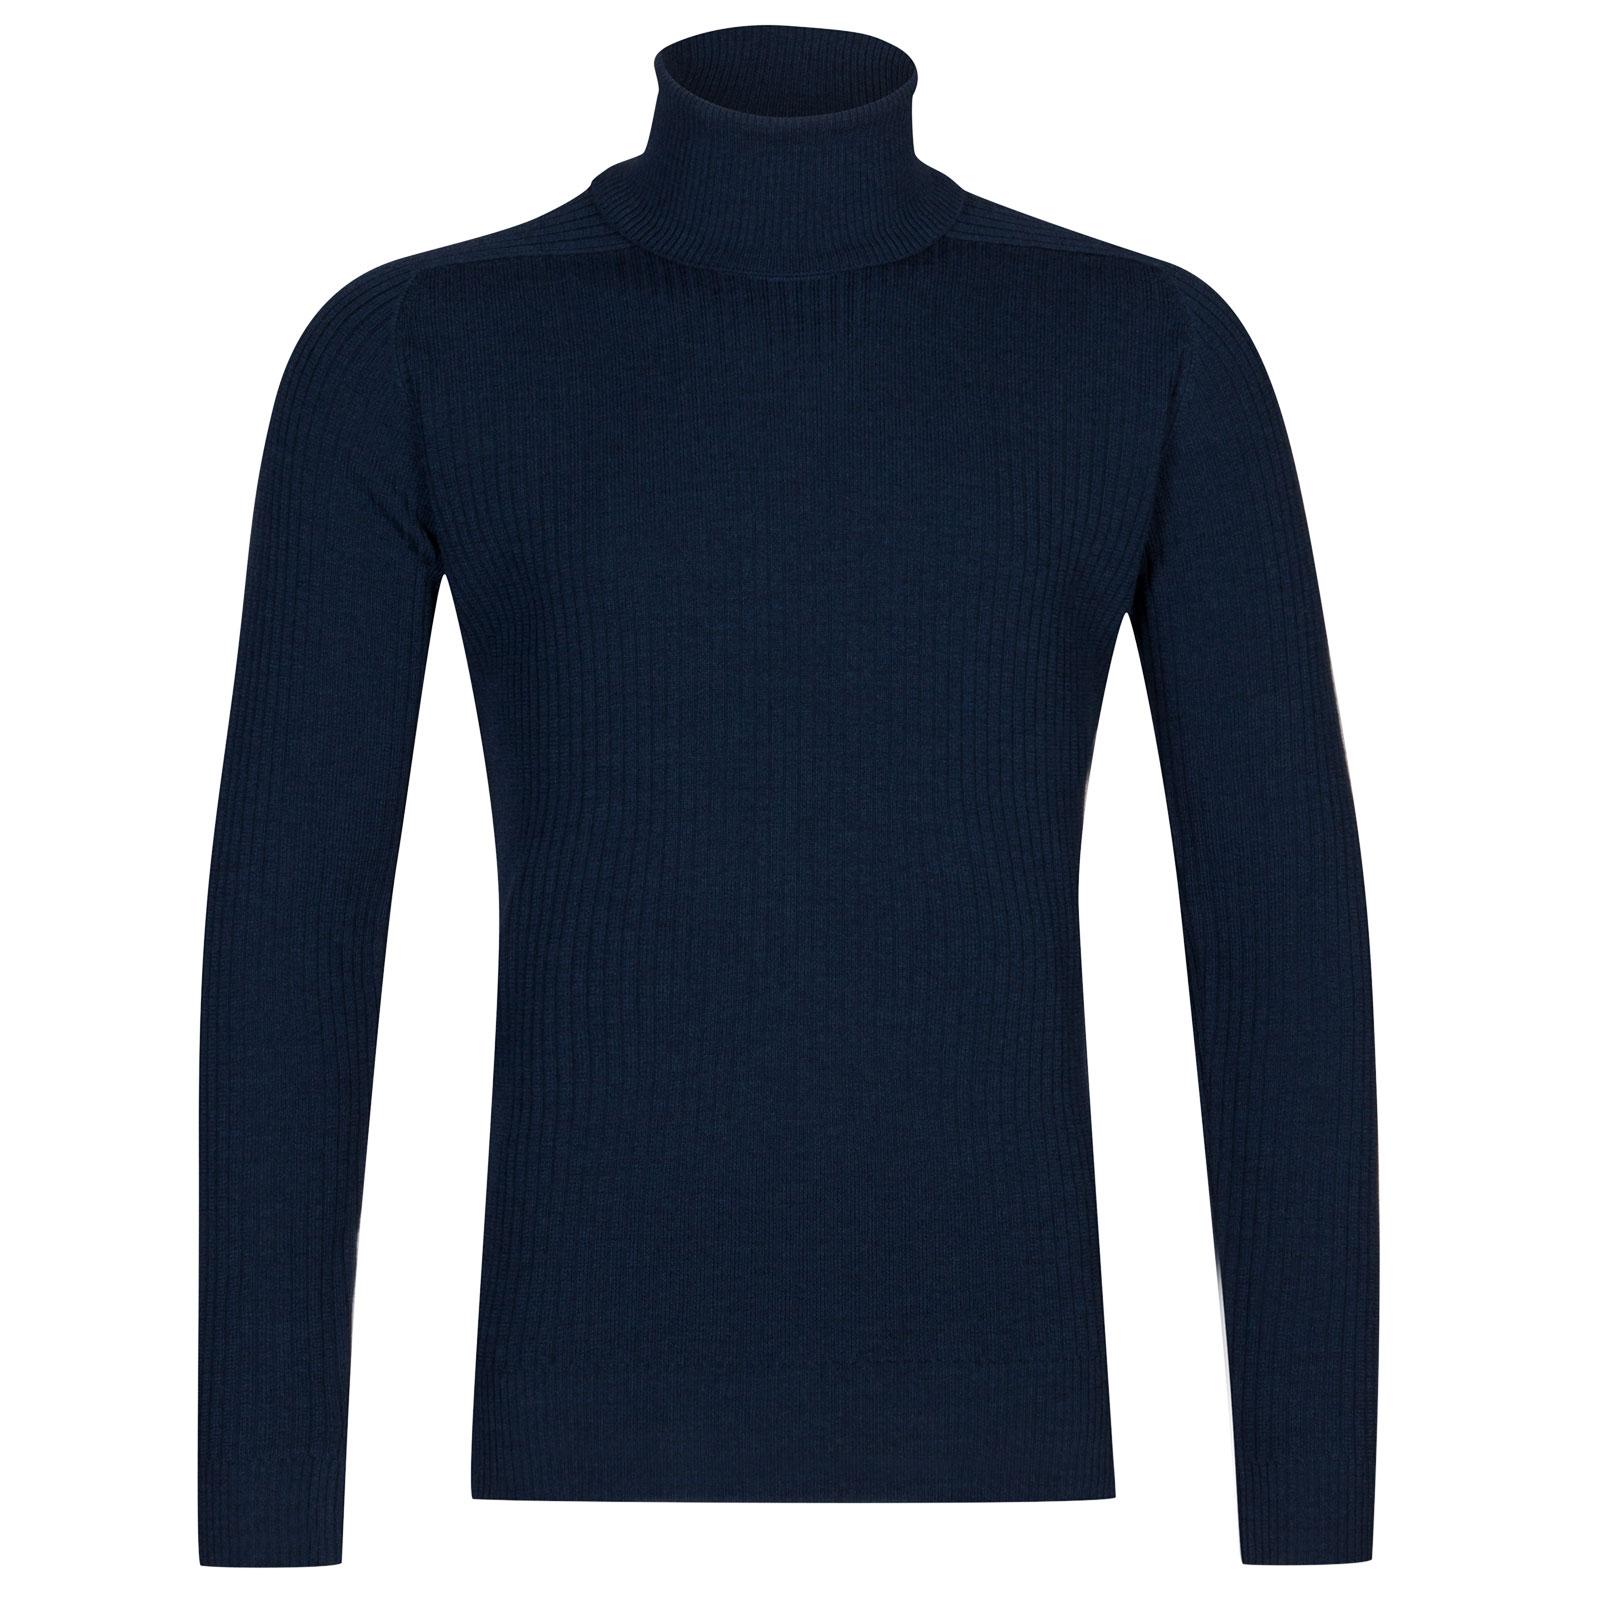 John Smedley redmayne Merino Wool Pullover in Indigo-L